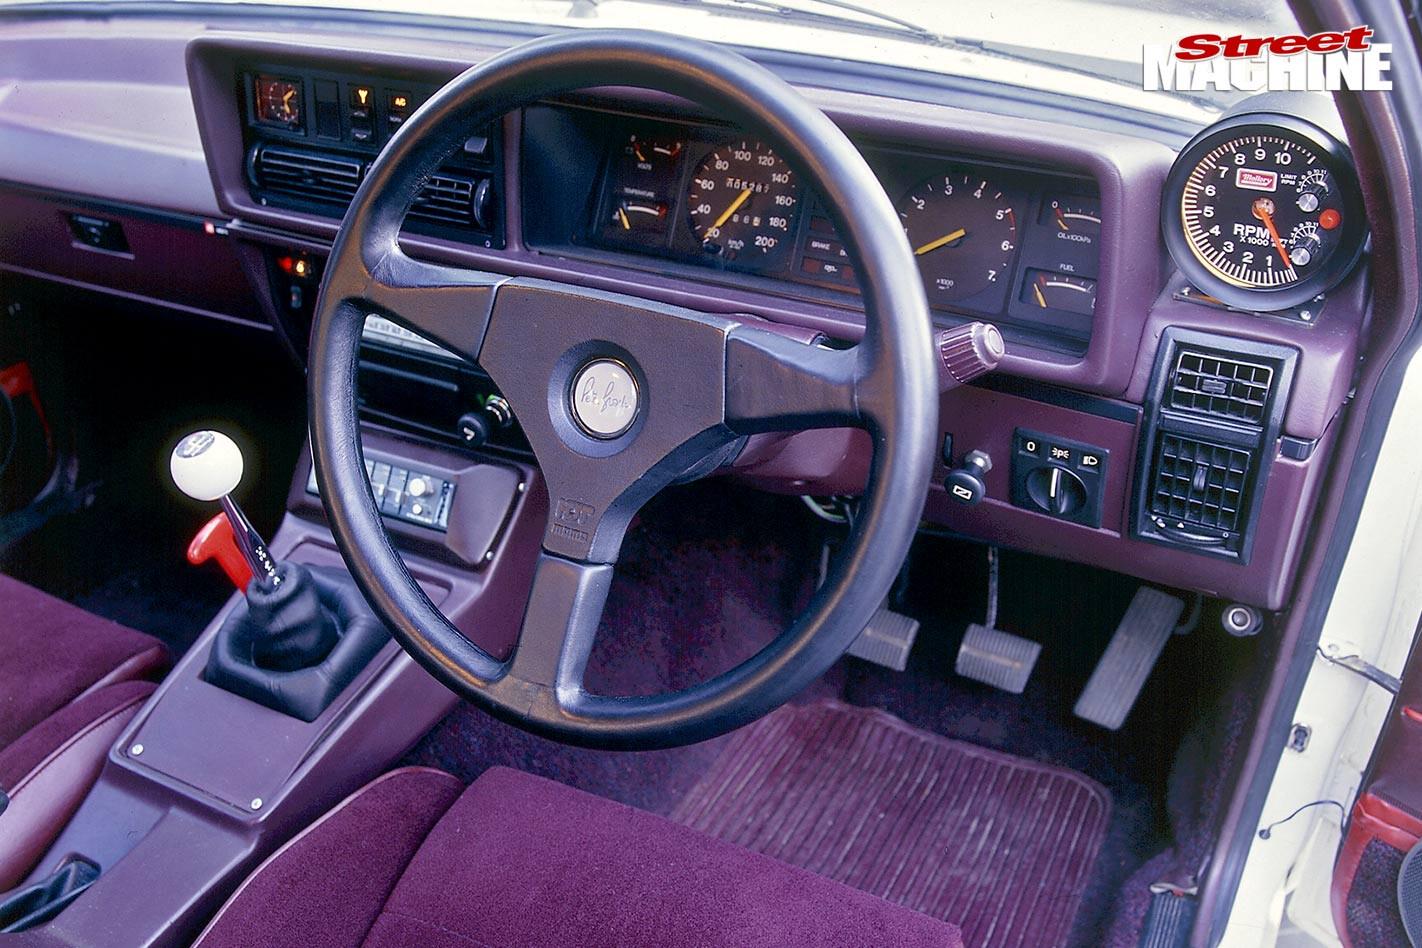 Holden VH Commodore dash